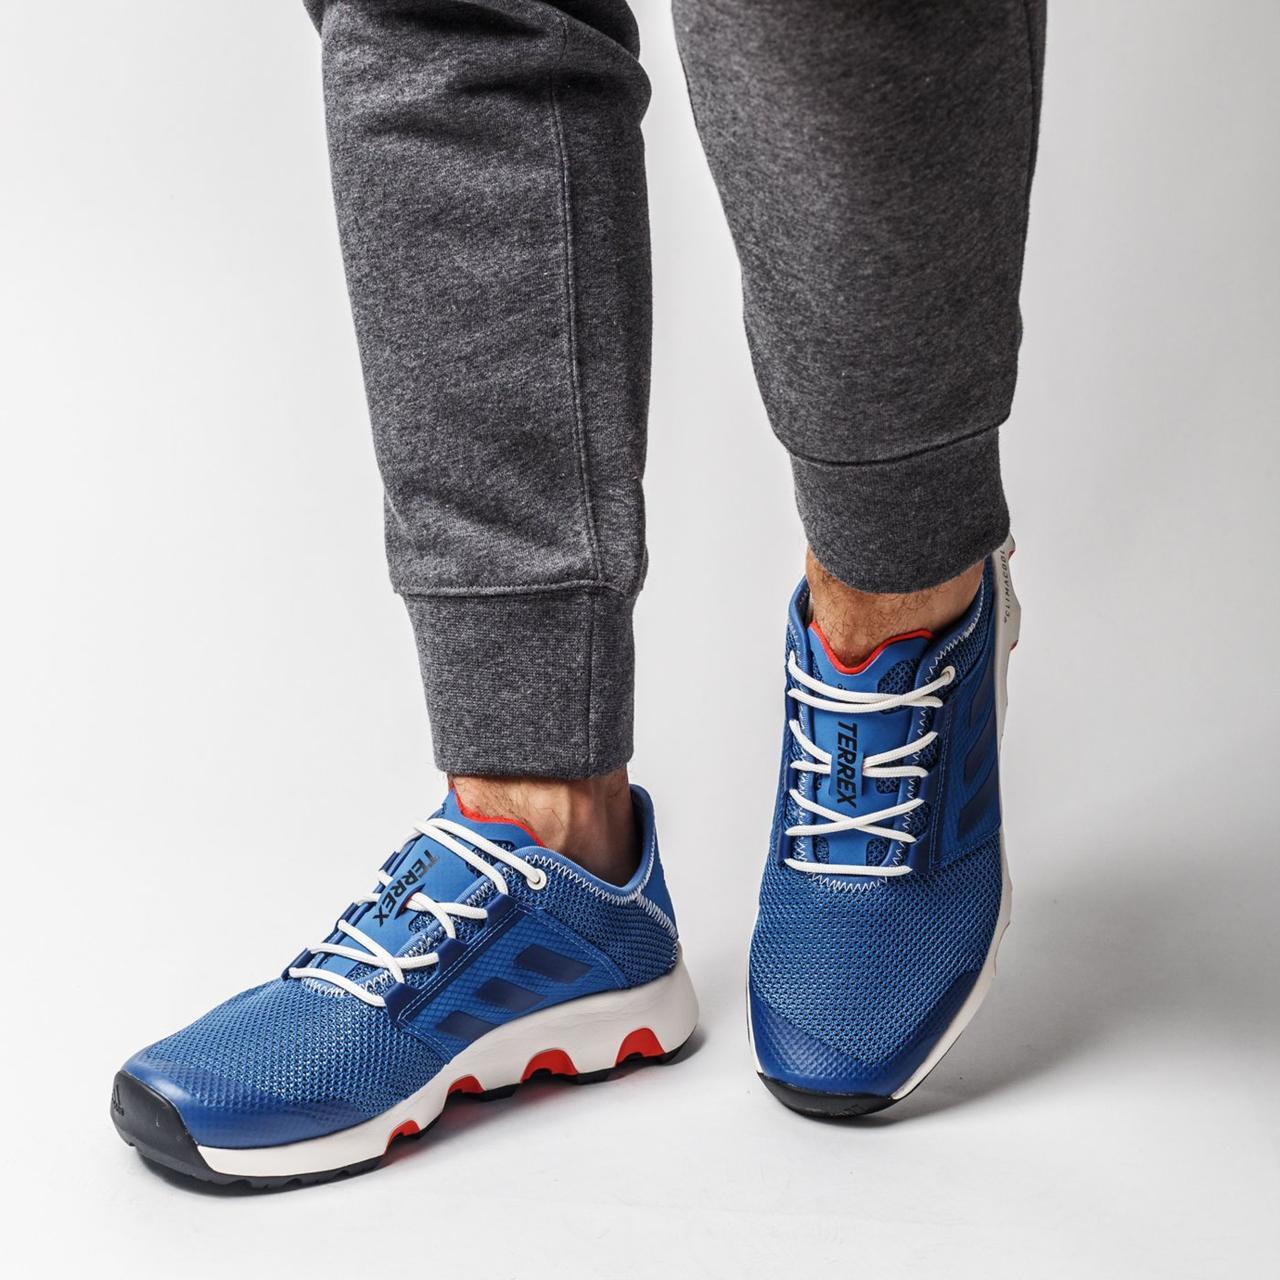 Кроссовки Adidas Terrex Cc Voyager CM7538 44 2/3, 45 1/3, 46 2/3 размер